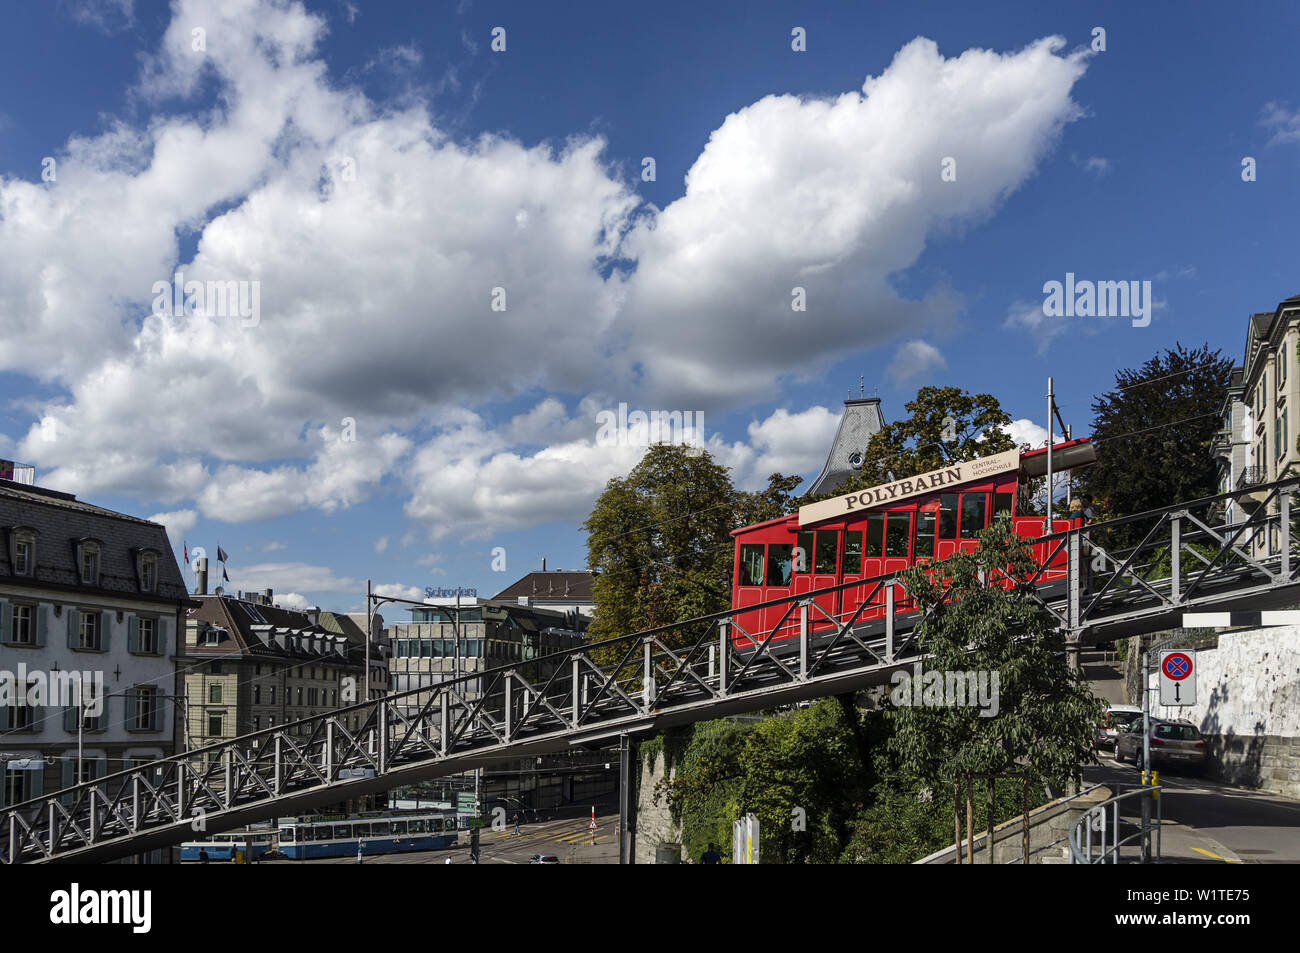 Polybahn at Central, Zurich, Switzerland Stock Photo